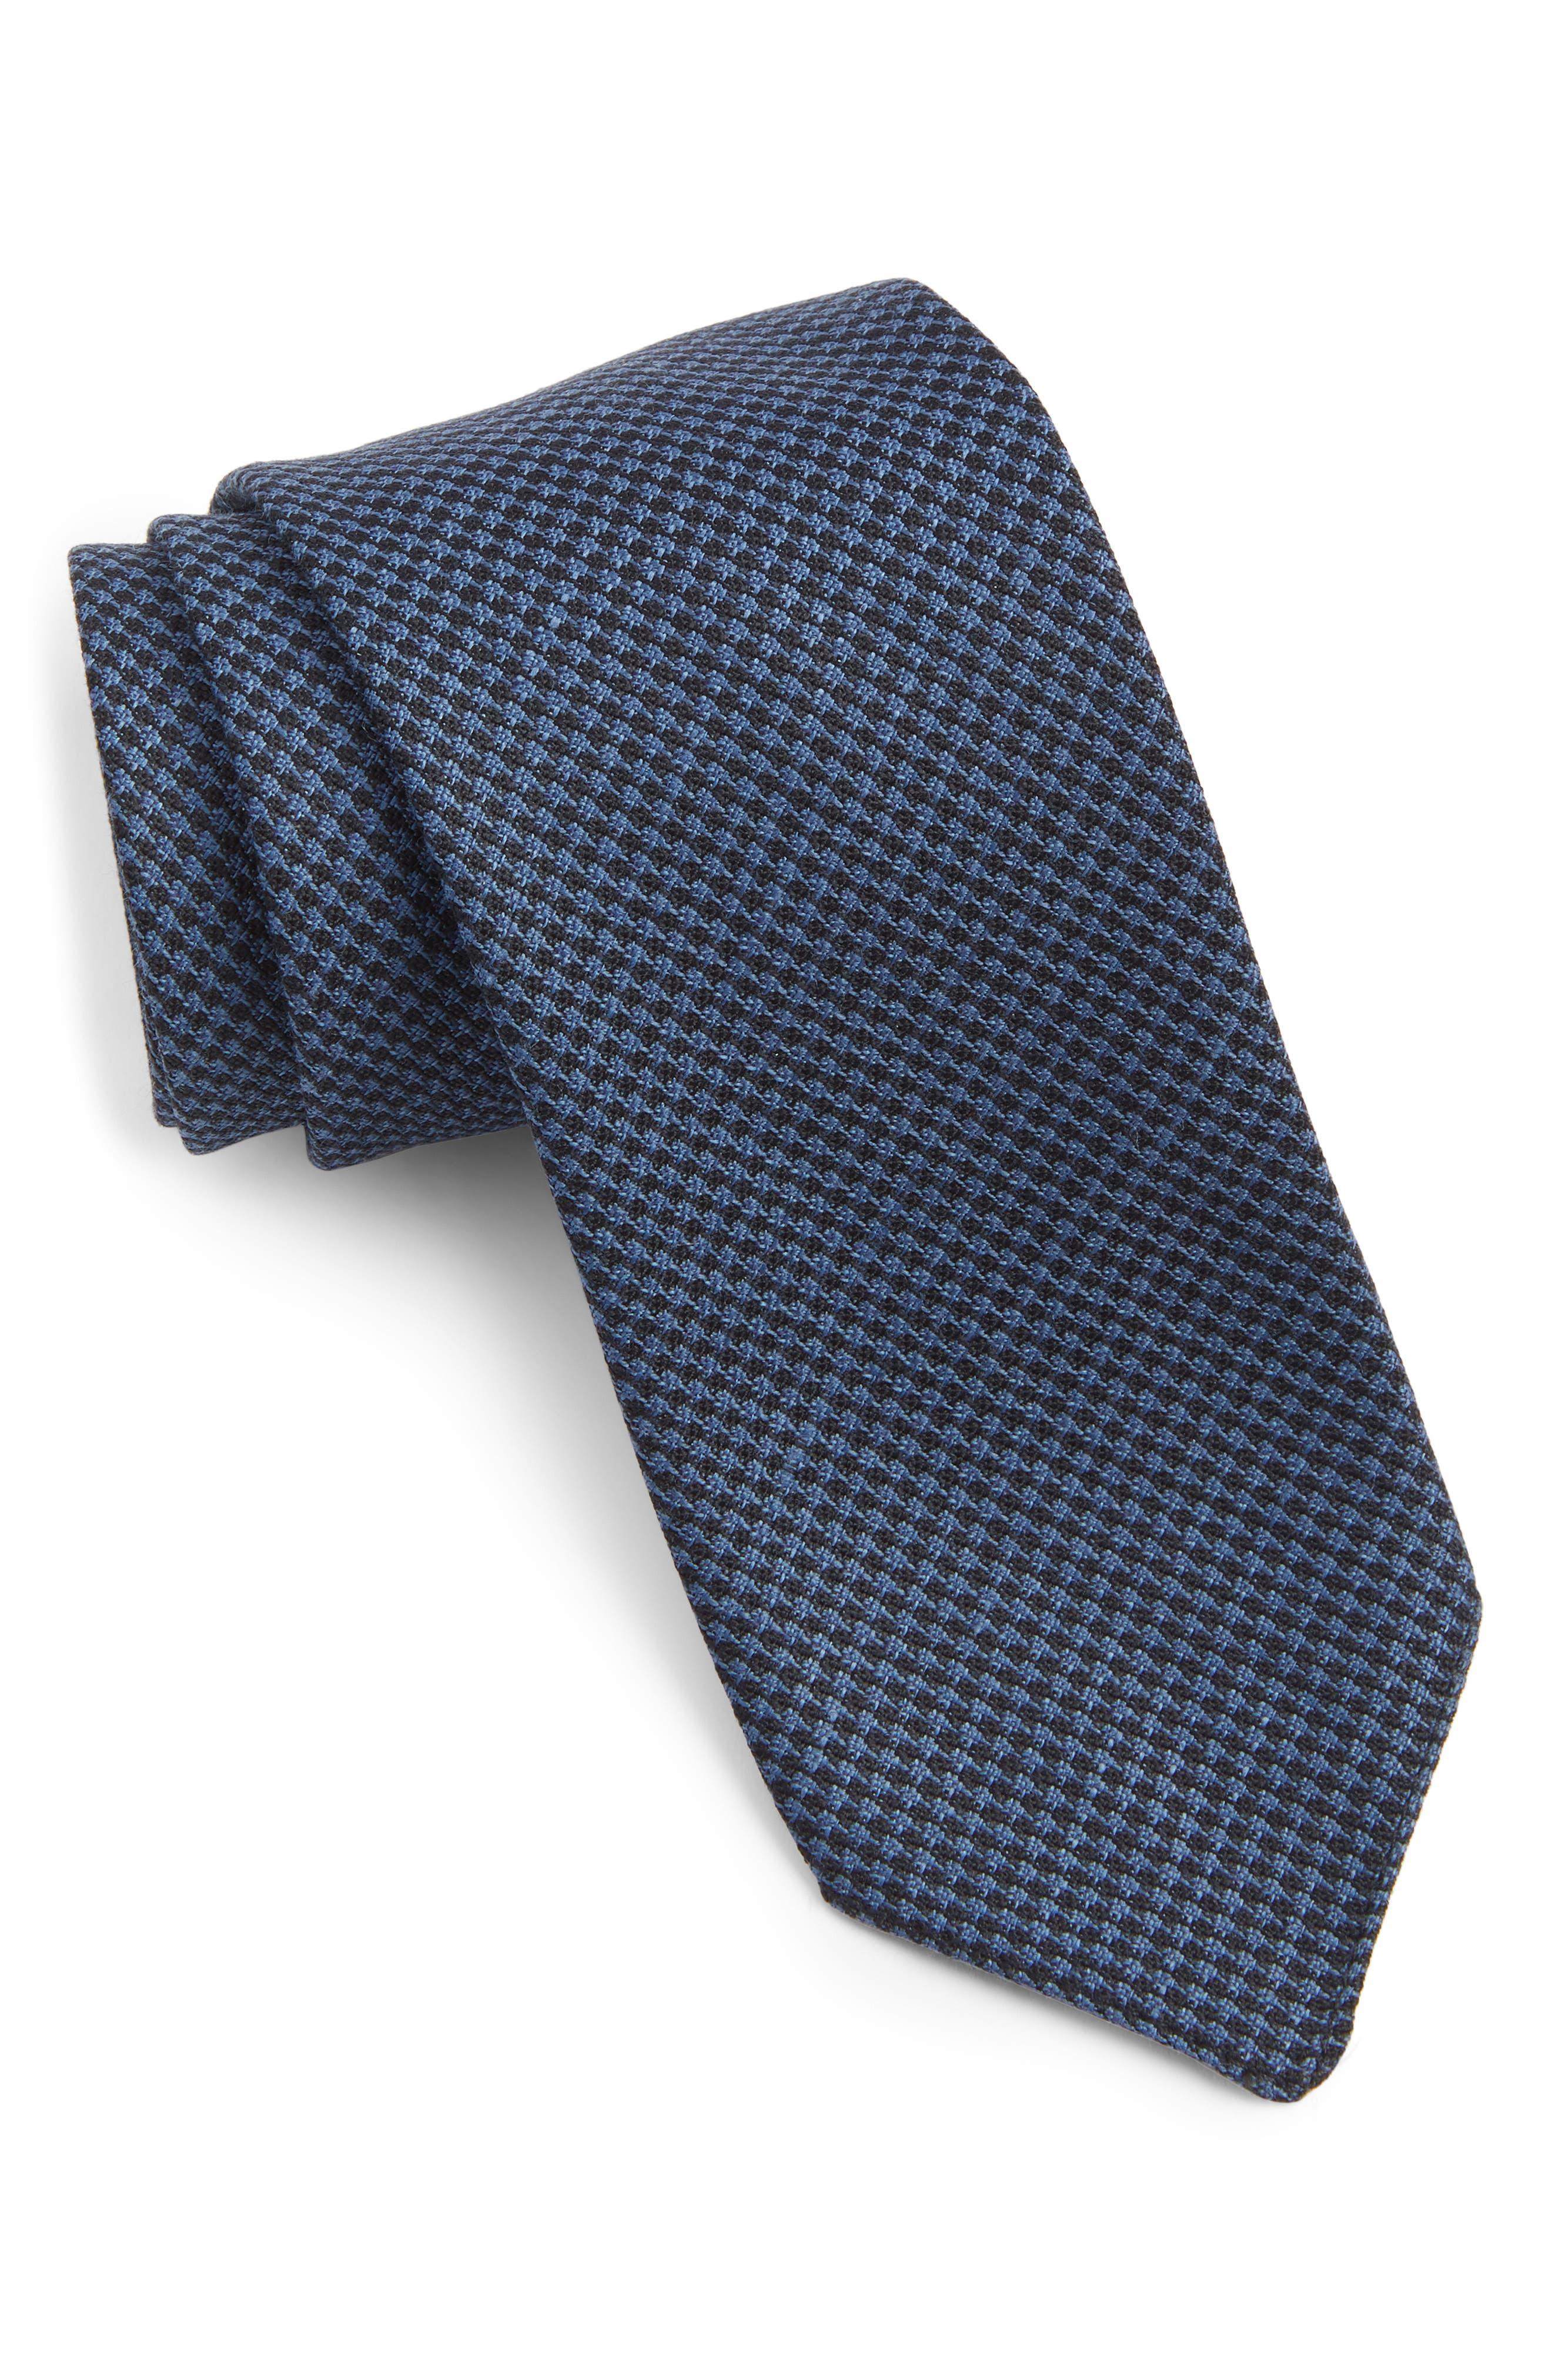 Grid Wool & Linen Tie,                             Main thumbnail 1, color,                             LIGHT BLUE